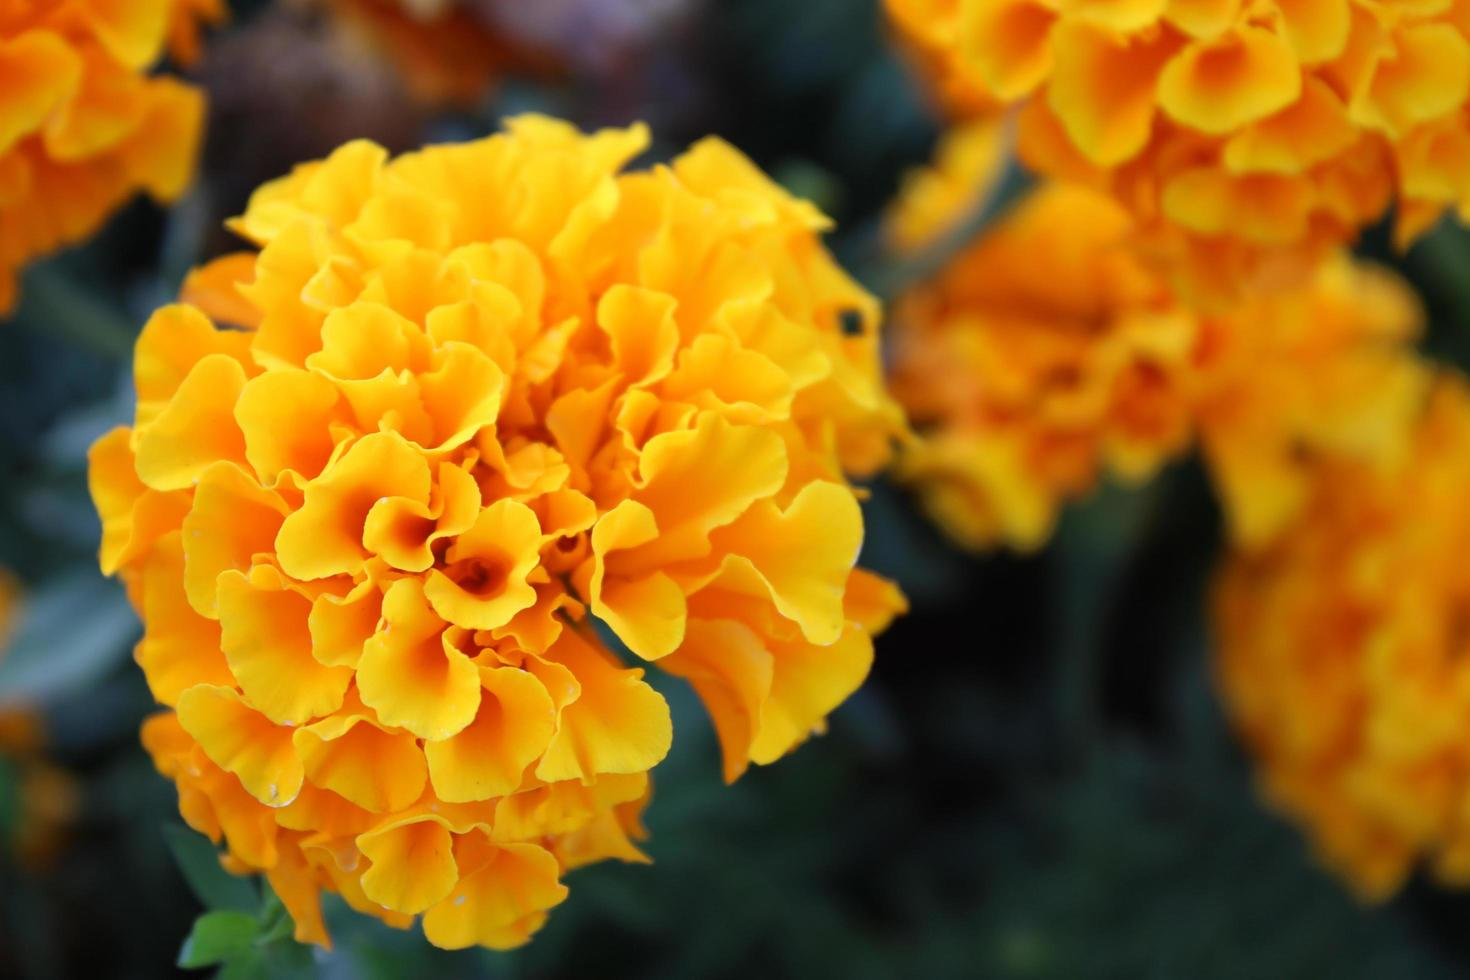 Macro cerca de flores de caléndula naranja y amarilla en flor en primavera foto